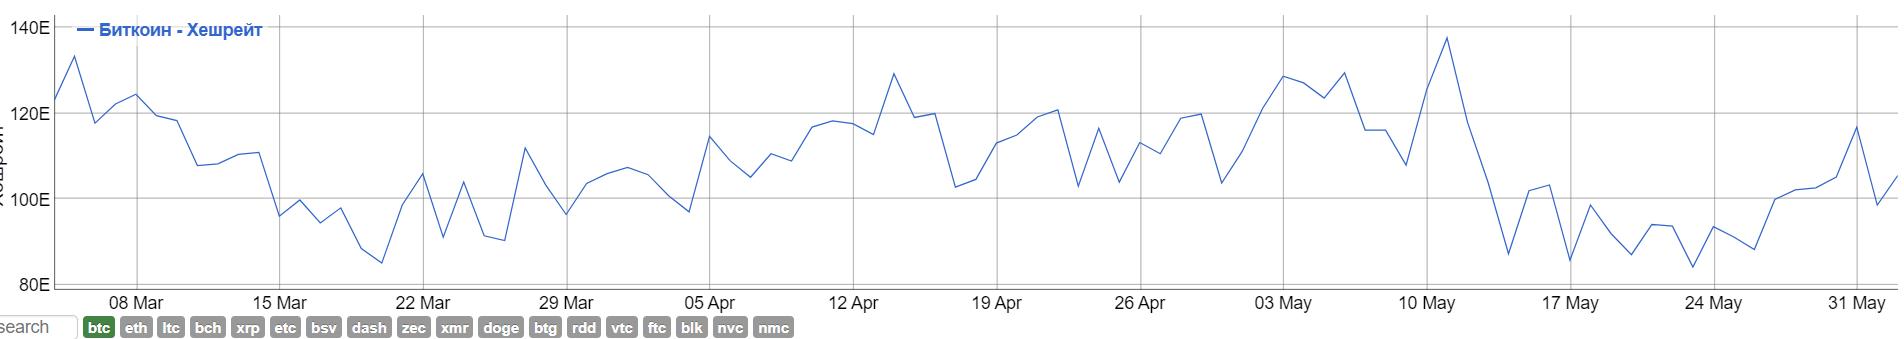 Капитуляция майнеров и вывод bitcoin с бирж: что случилось на фоне падения BTC